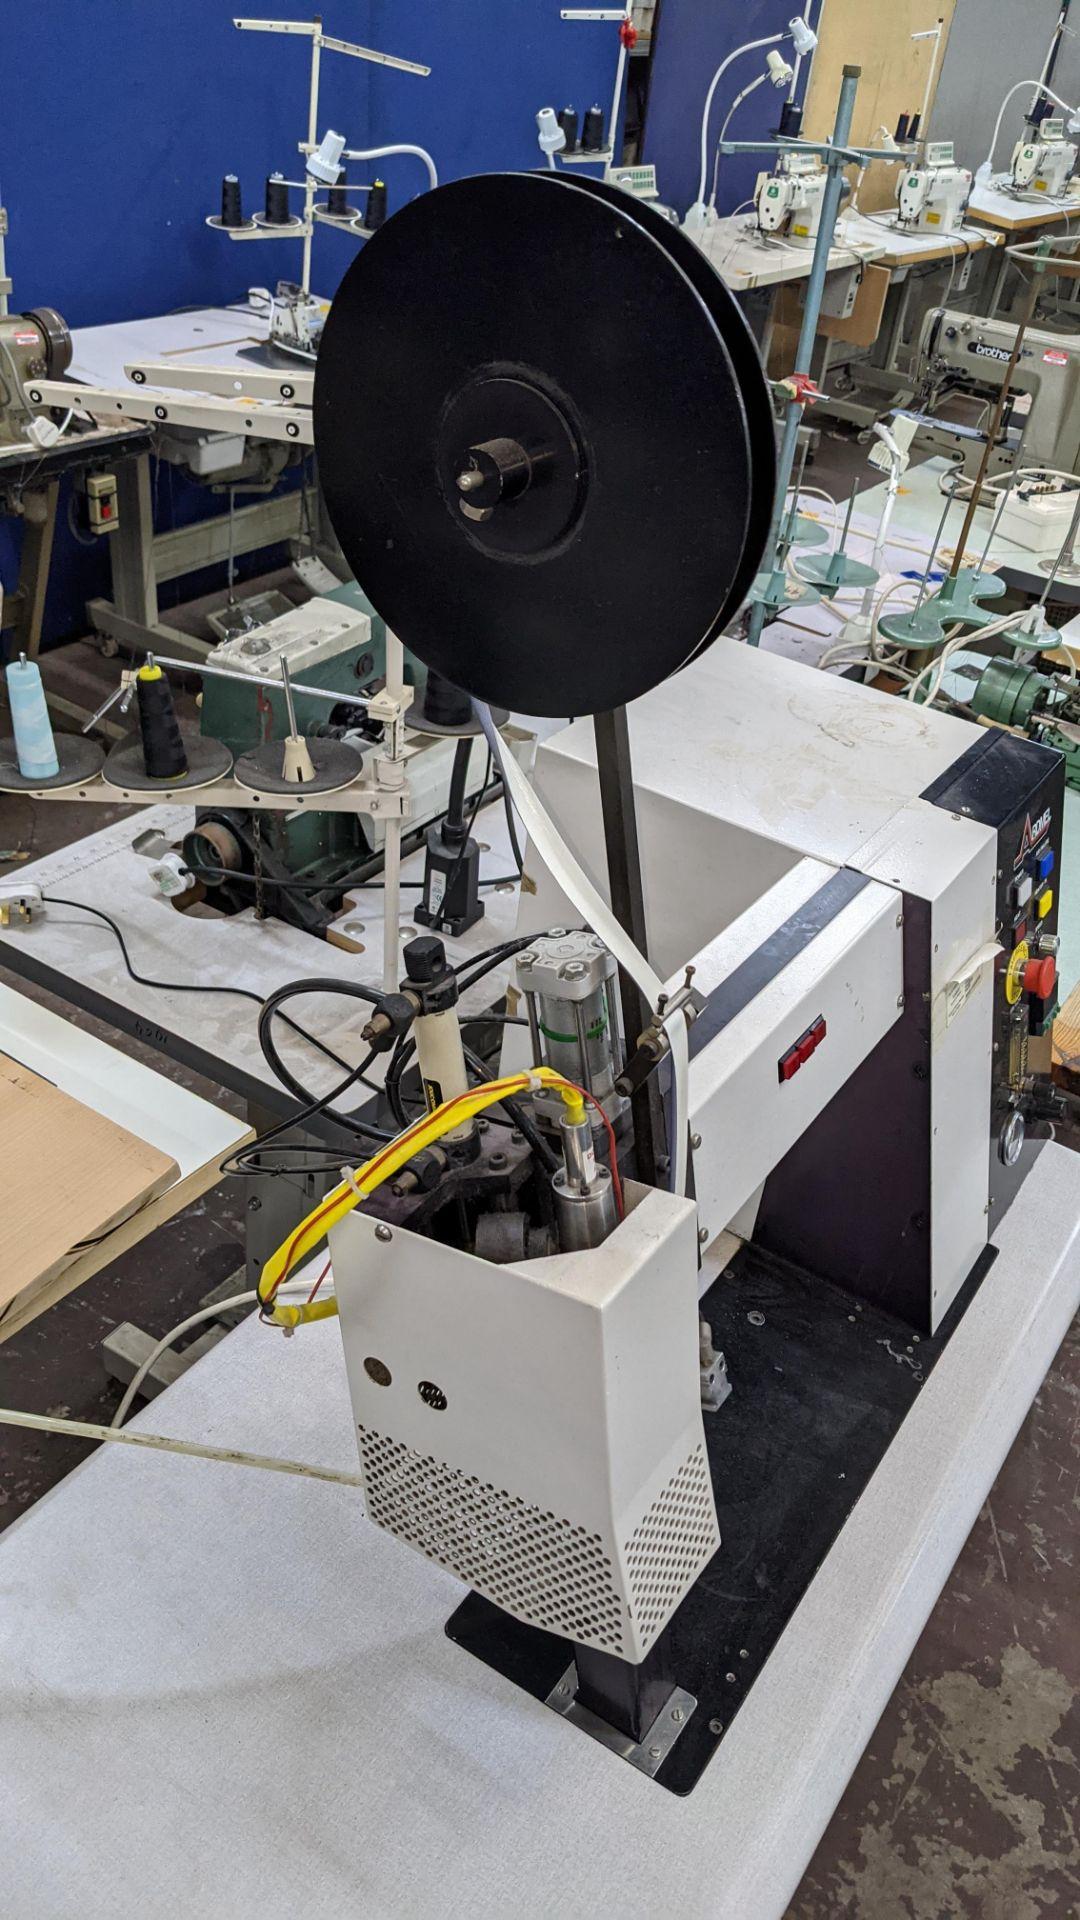 Ardmel seam sealing machine - Image 11 of 18